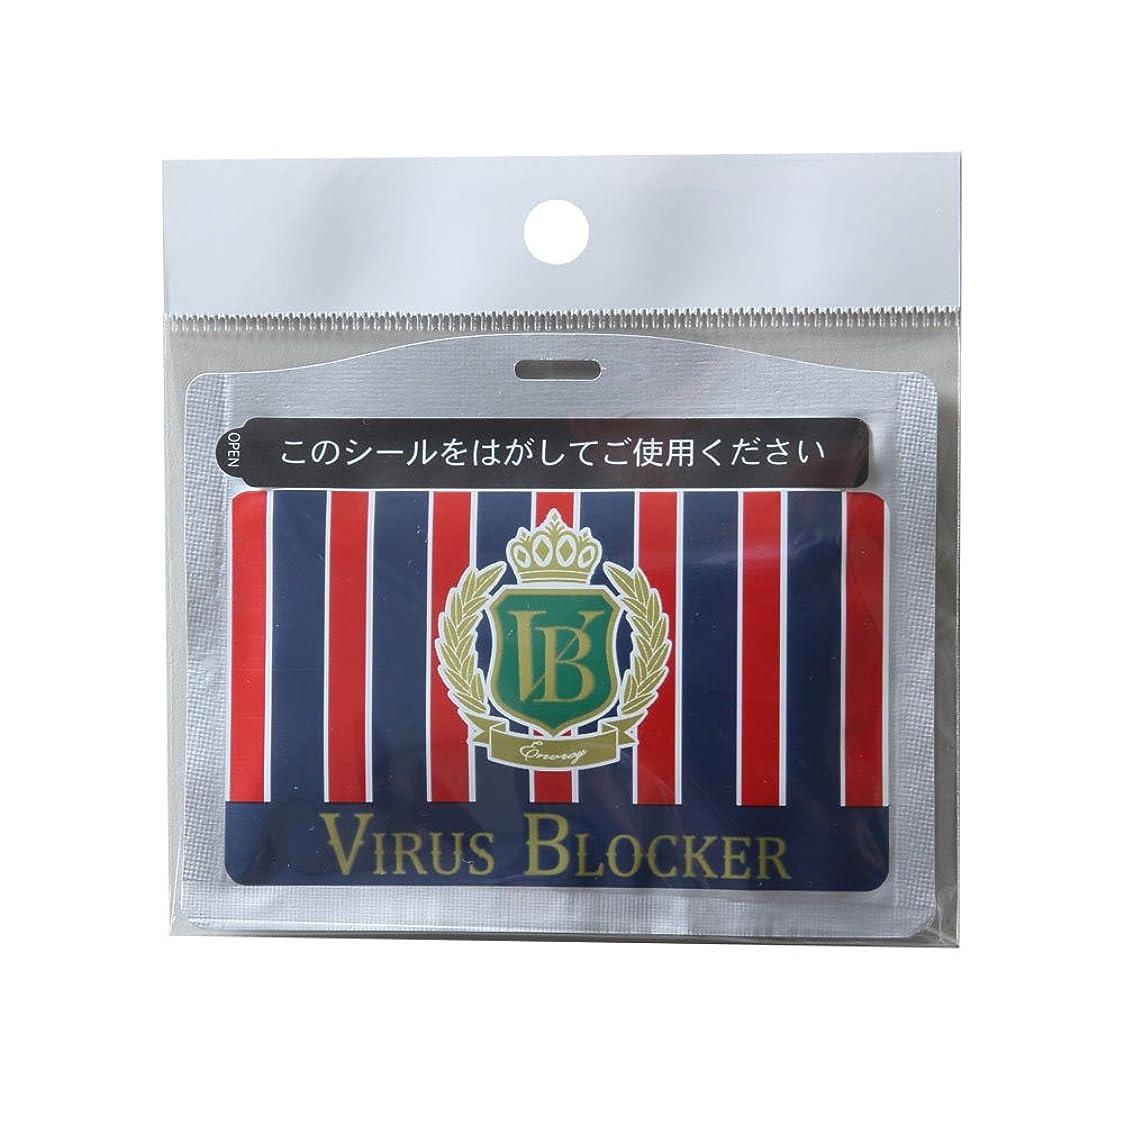 構成員小石カテナウイルスブロッカーVB トラッド レフィル (CLA48)